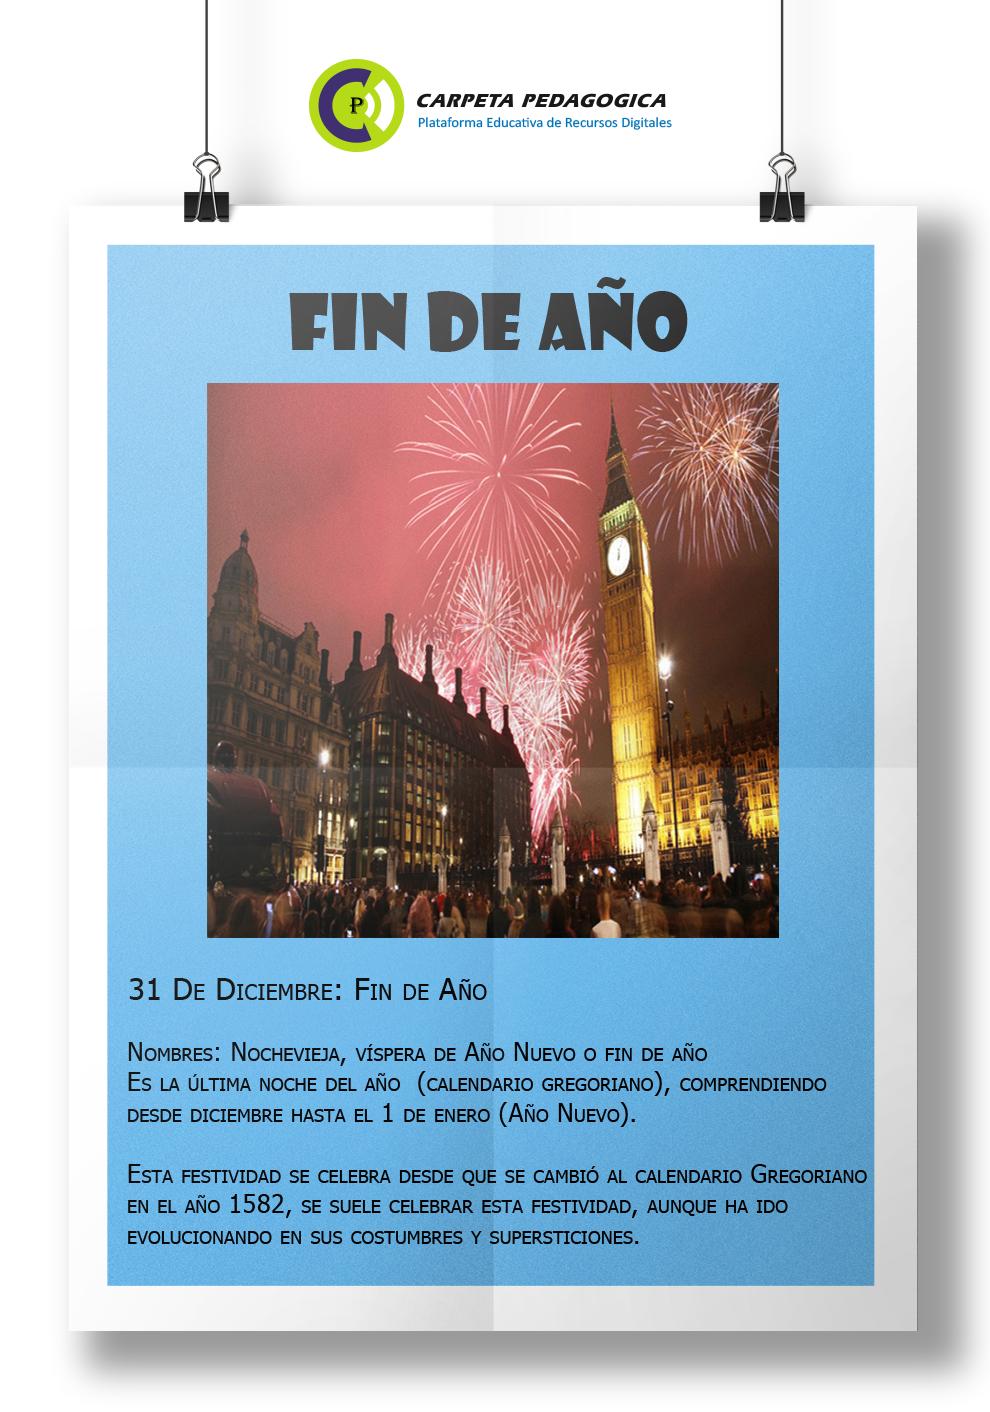 31 de diciembre: Fin de Año